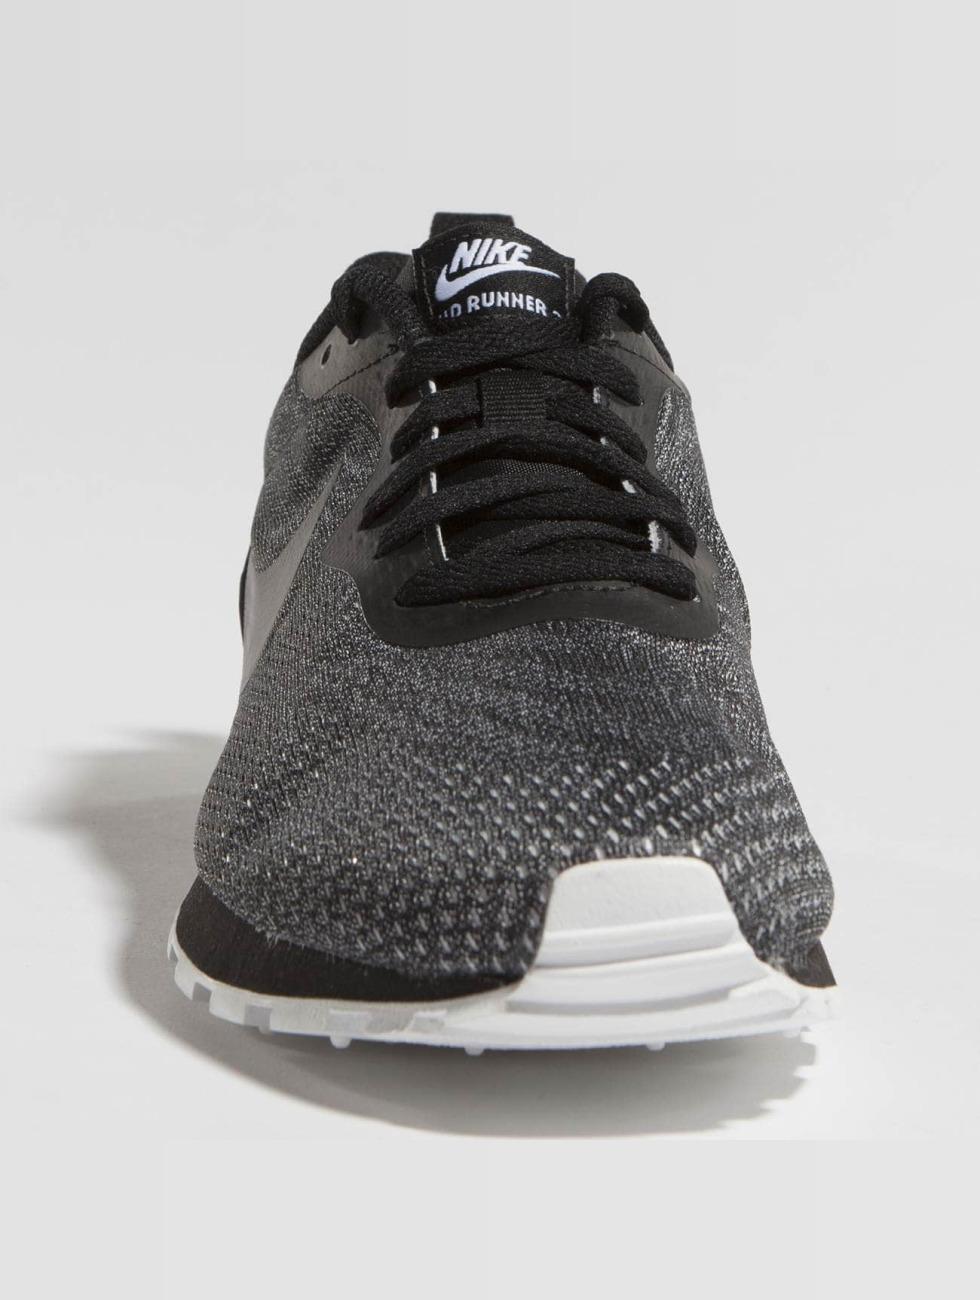 Kortingscodes Echt Goedkoop De Grootste Leverancier Van Online Te Koop Nike schoen / sneaker MD Runner II in zwart 444140 Verkoop Comfortabele JI4hY6